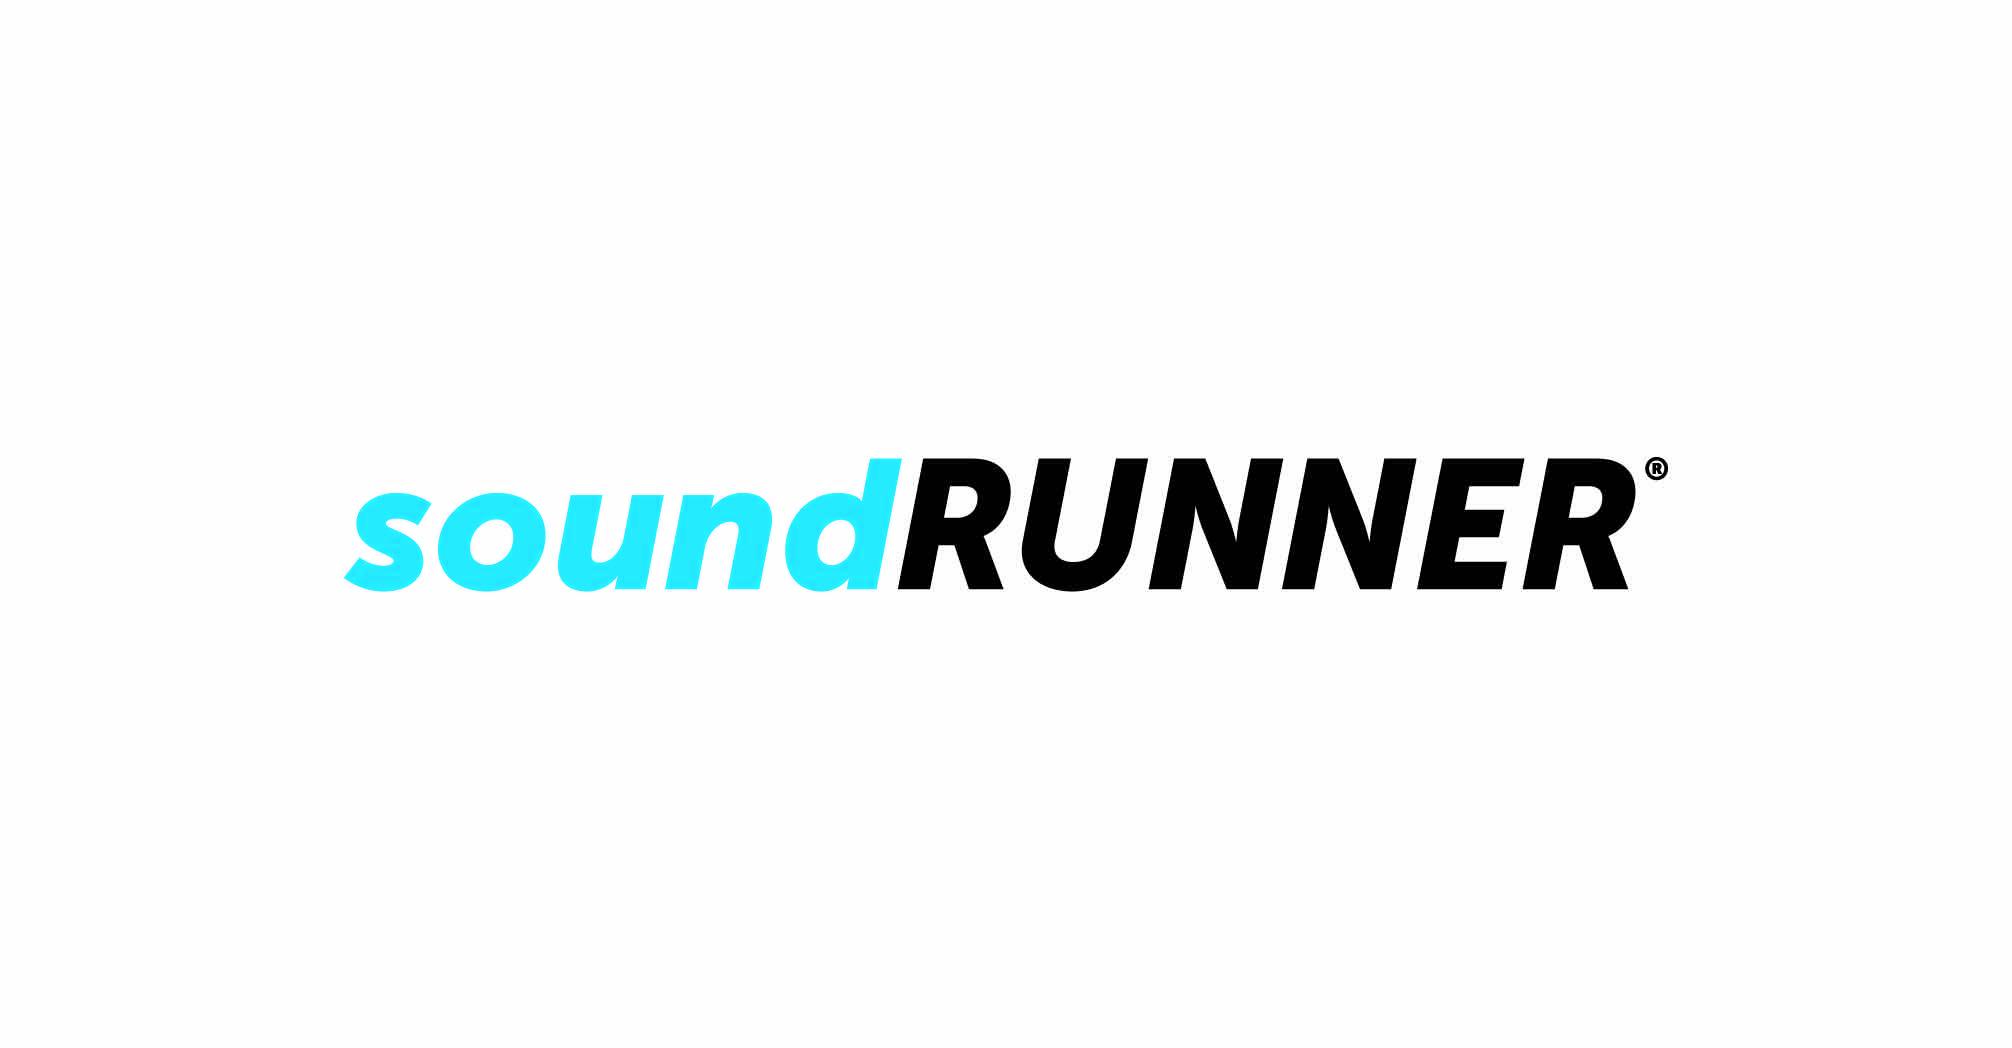 soundRUNNER Logo